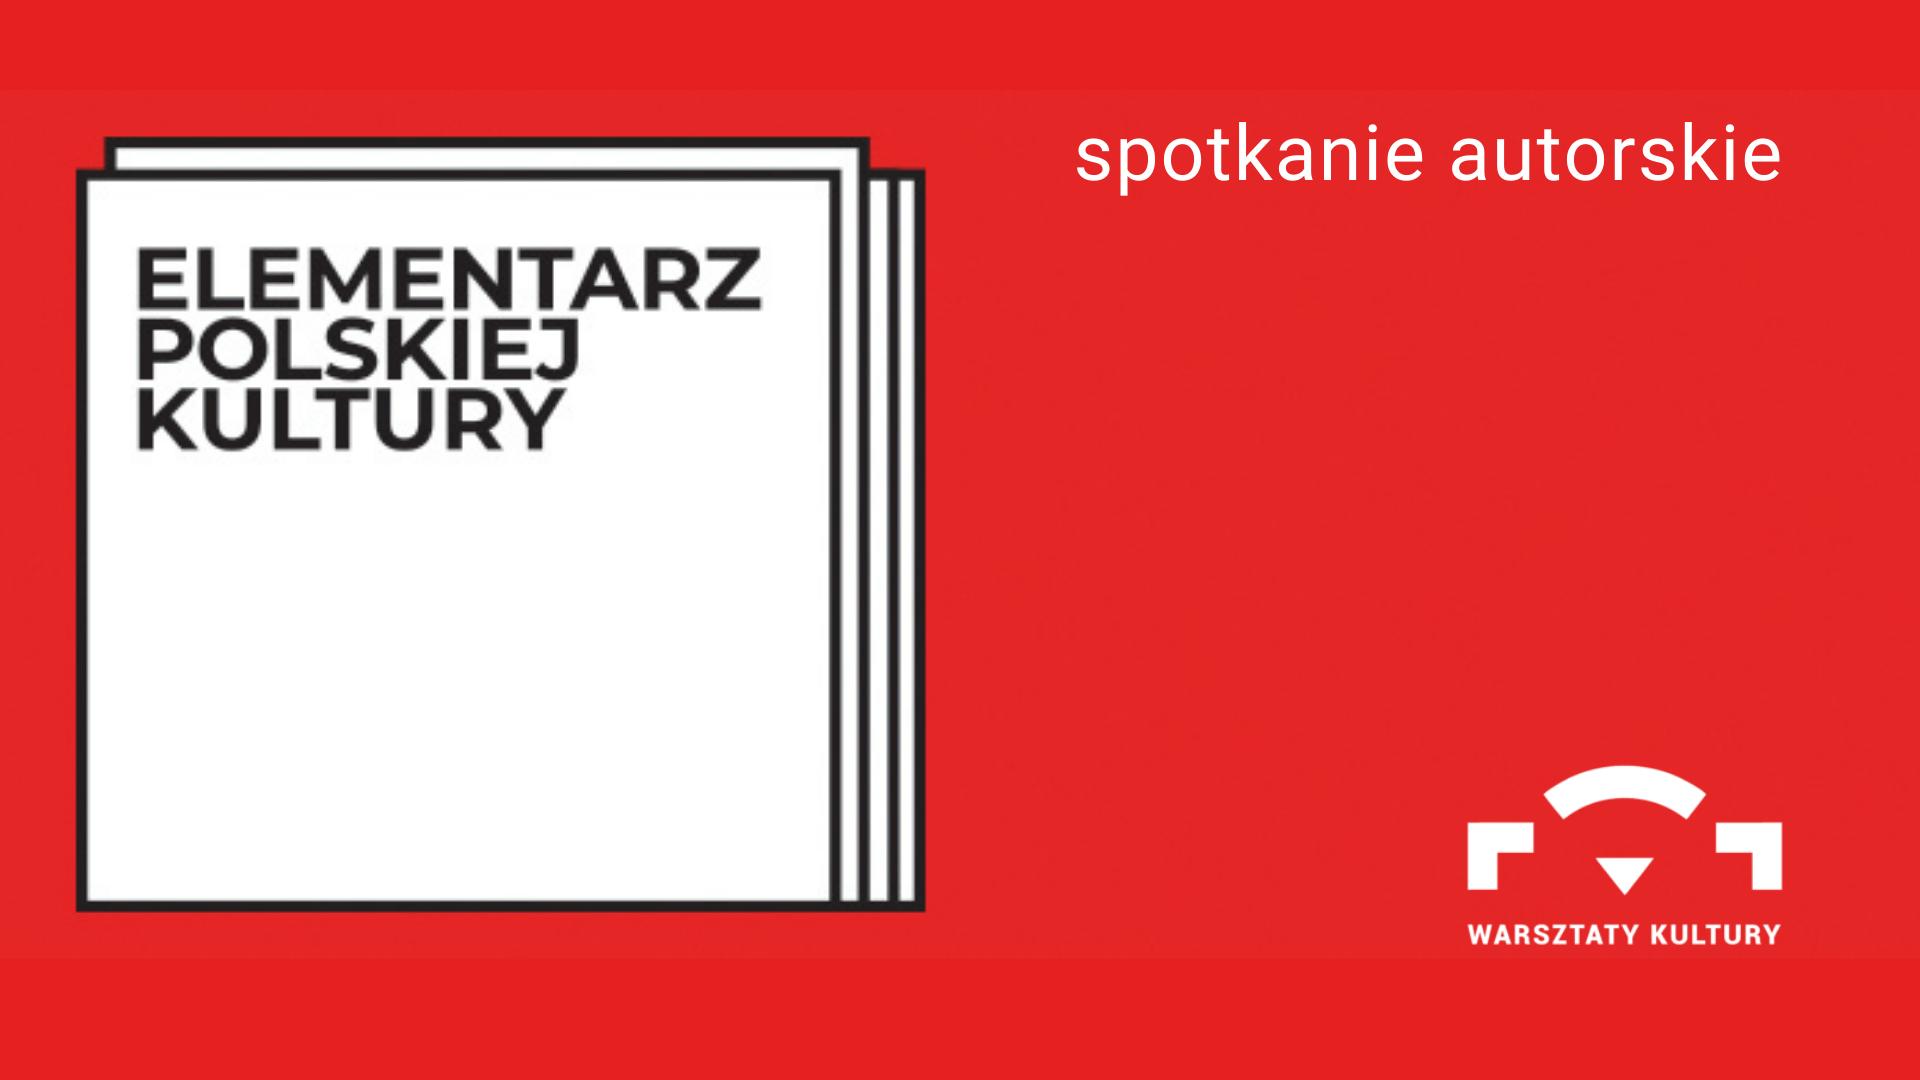 czerwone tło. z lewej strony 4 nałożone na siebie białe kwadraty z napisem Elementarz Polskiej Kultury. z prawej strony u góry biały napis spotkanie autorskie. w prawym dolnym rogu logo Warsztatów Kultury